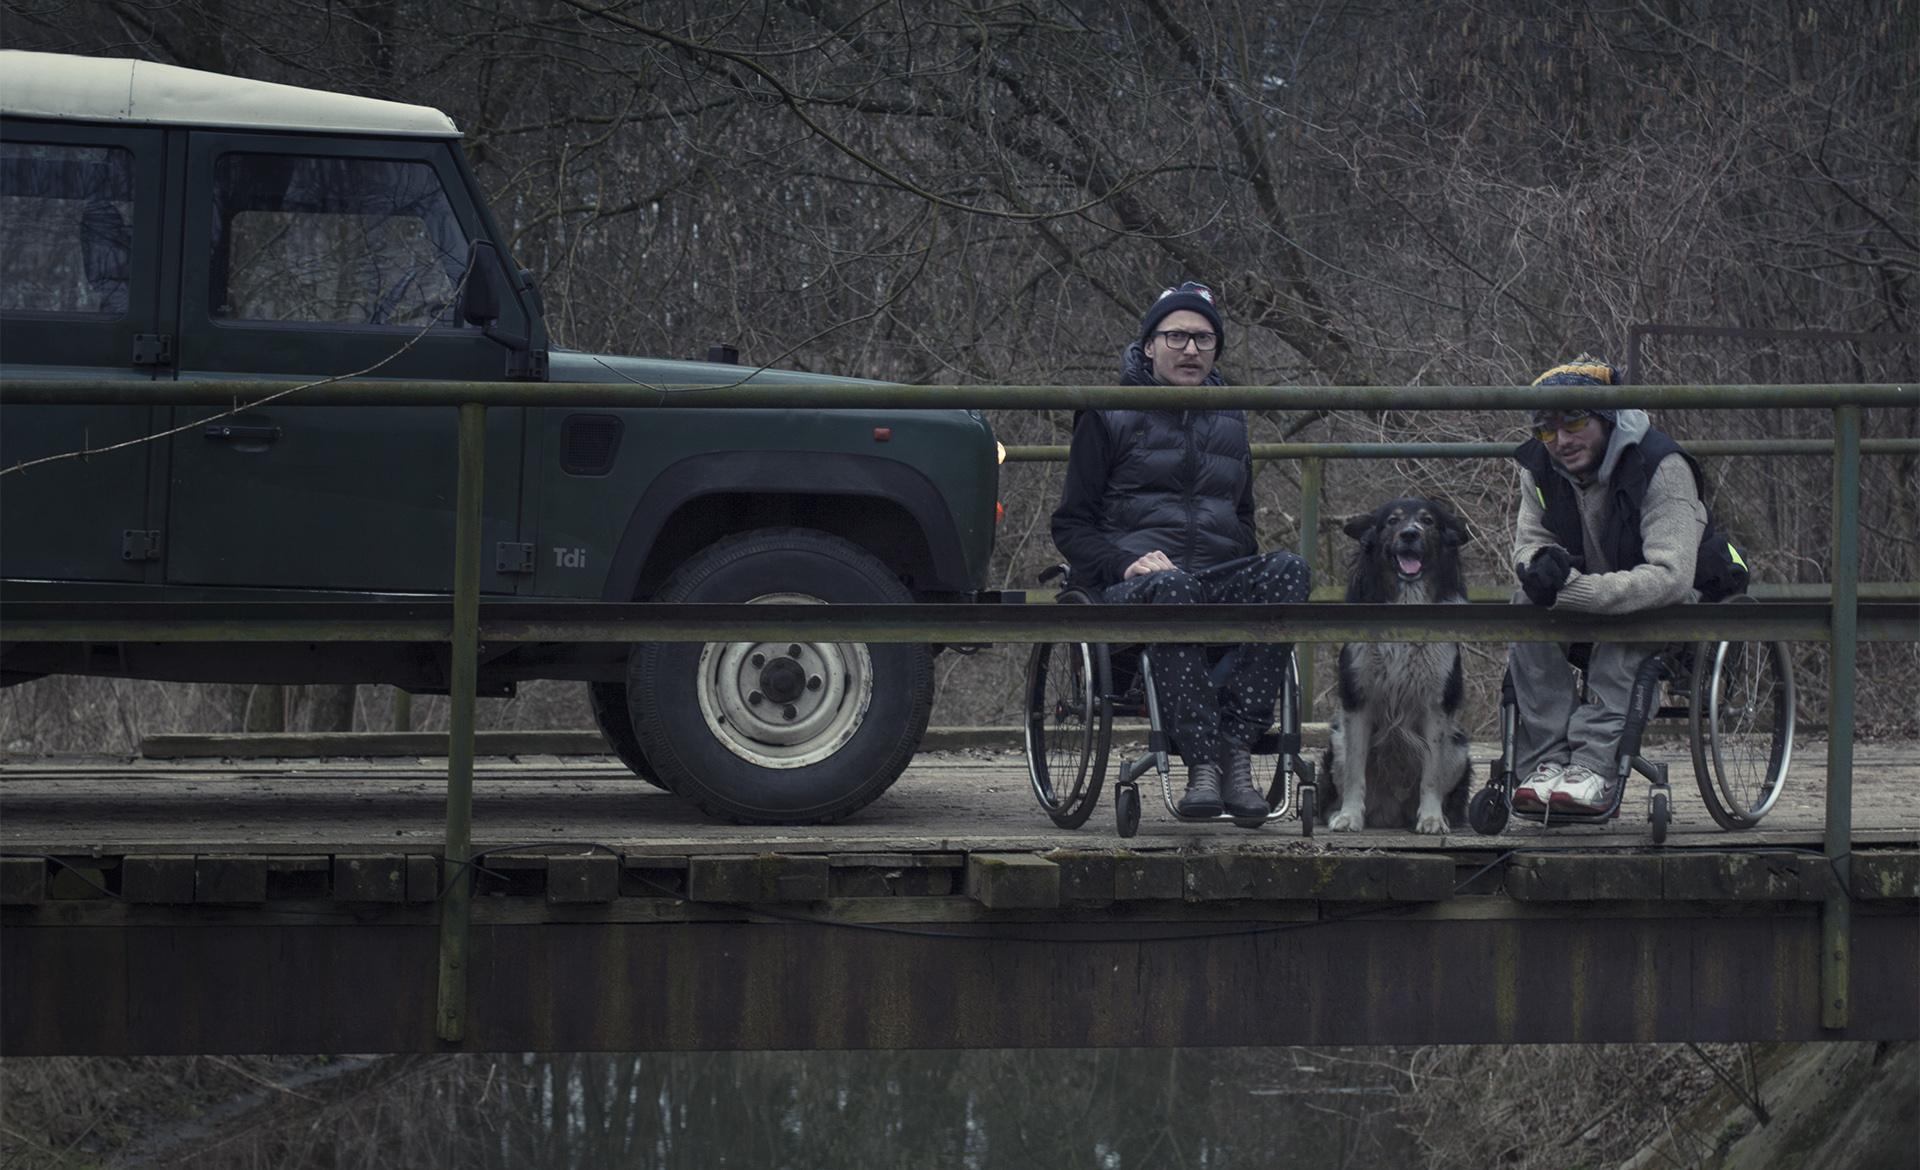 Zdjęcie przedstawia Michała Worocha oraz Marcina Kamińskiego siedząych na wózkach. Między nimi znajduje się pies, obok stoi samód terenowy.